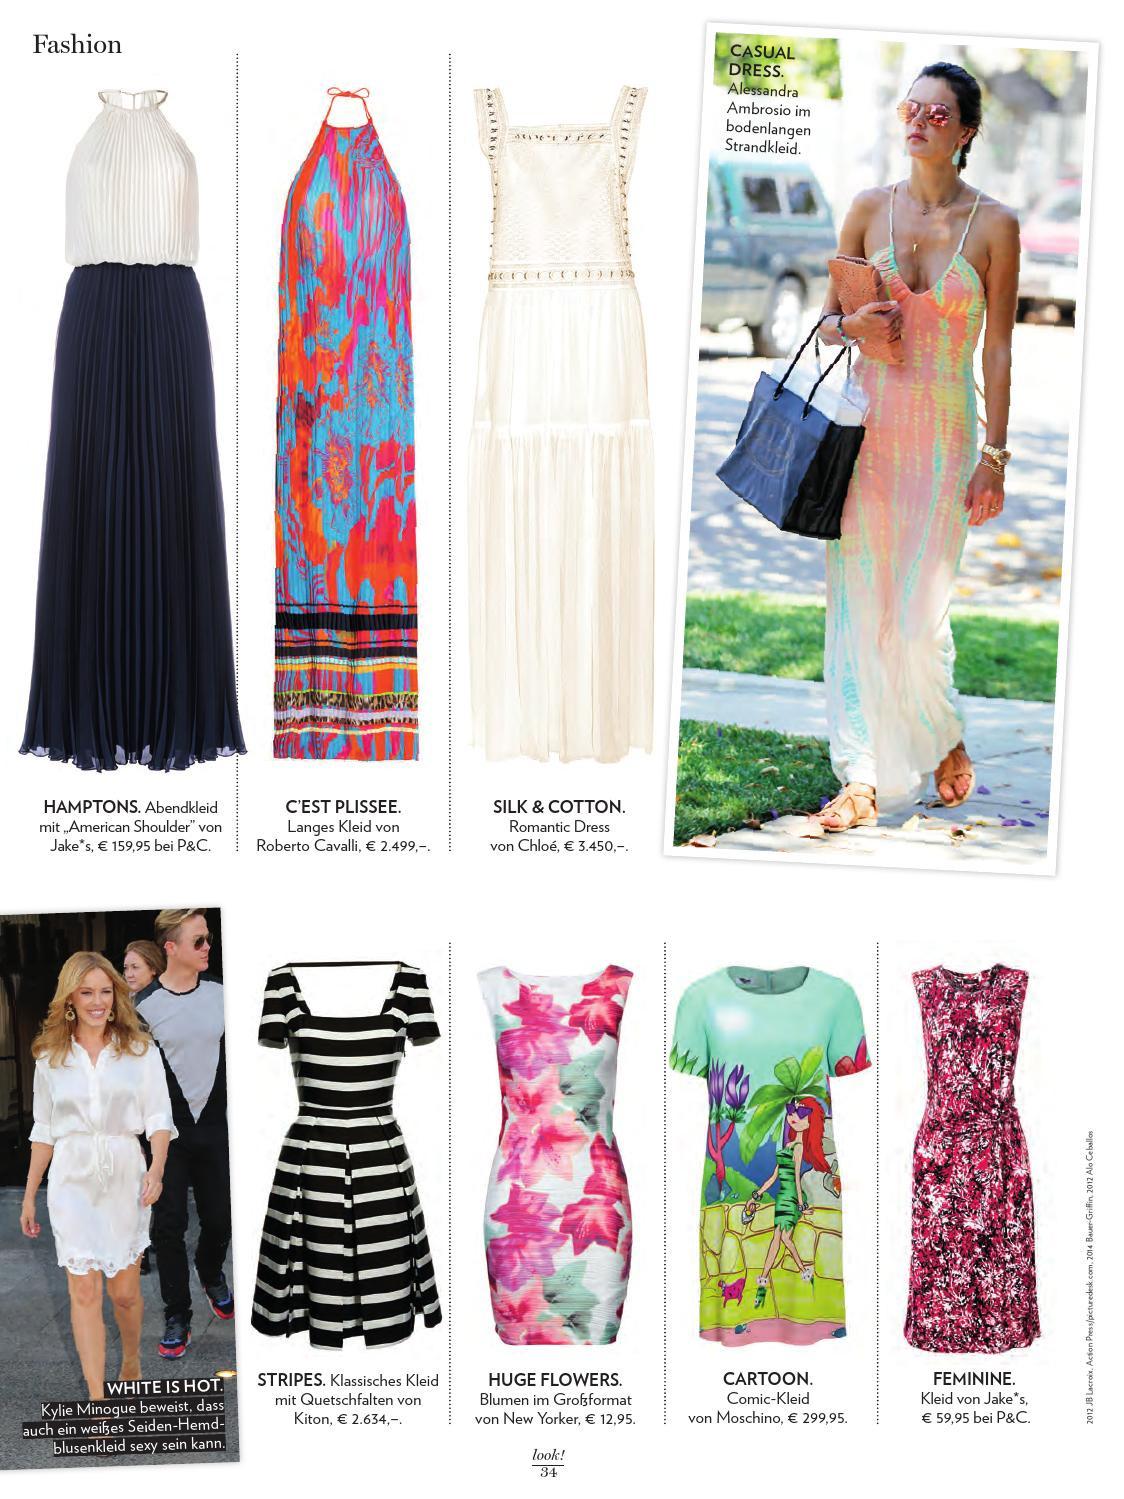 17 Ausgezeichnet Abendkleider Bei P&C DesignDesigner Genial Abendkleider Bei P&C Design